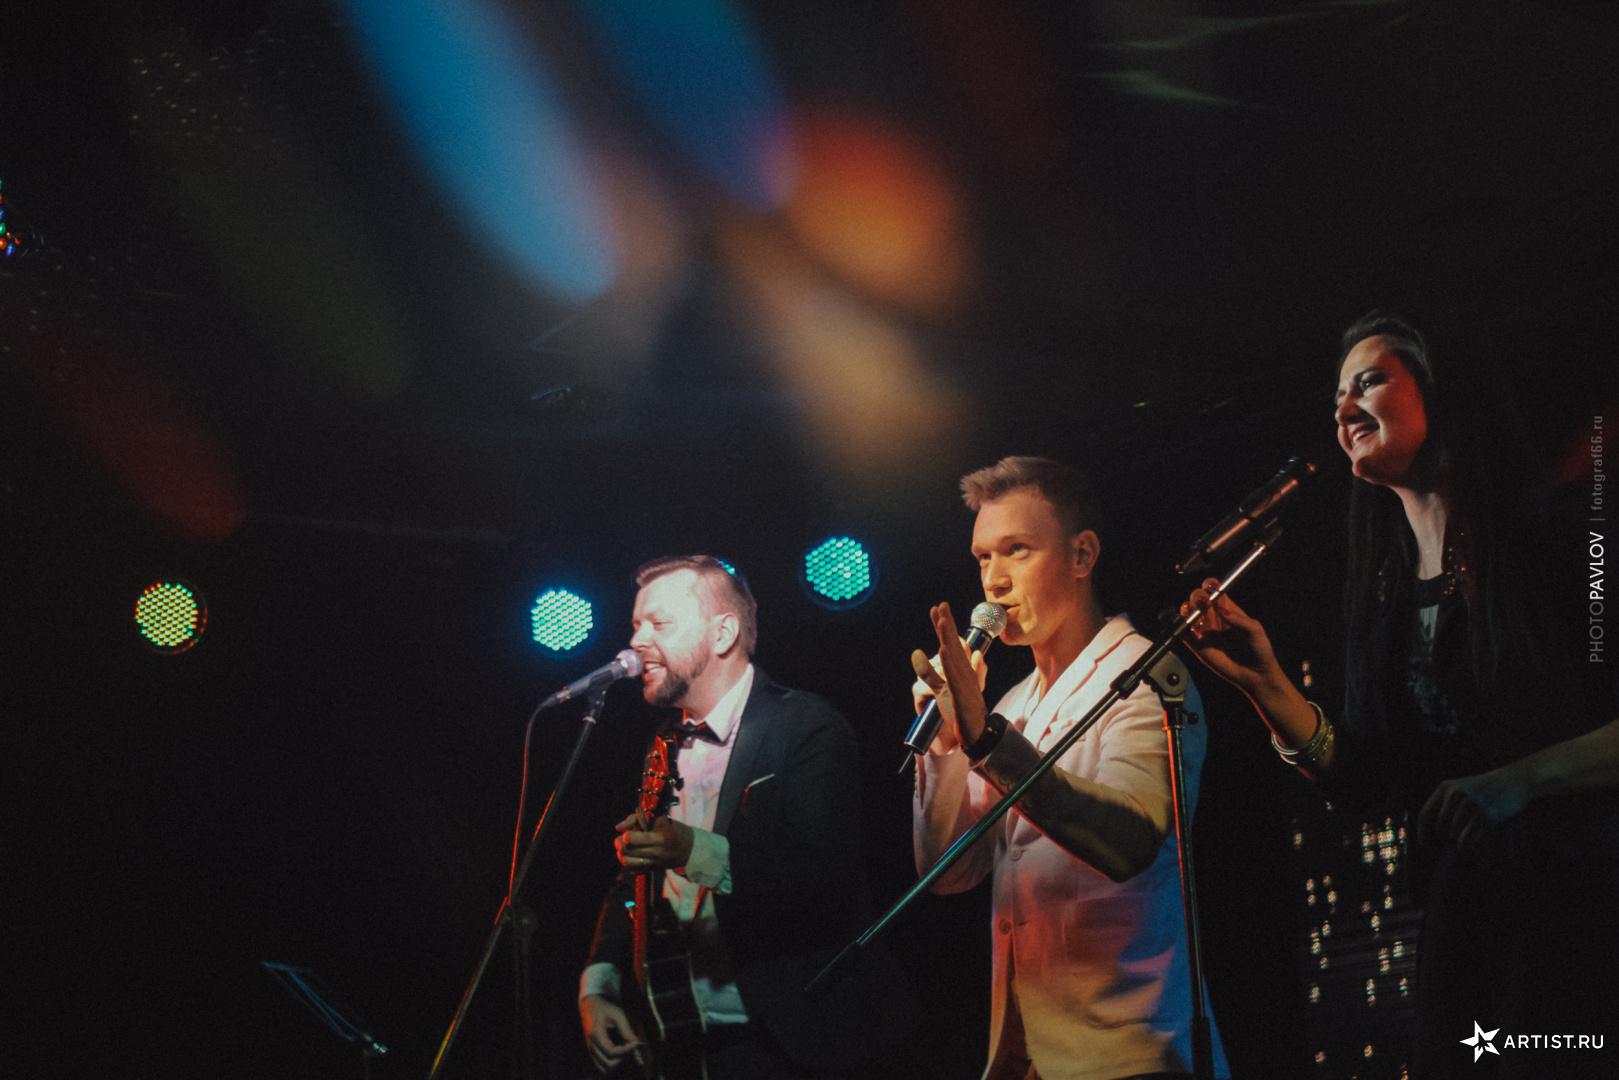 Фото 4 из 18 из альбома В Театре Эстрады  СУХОВ band (сухов бэнд)